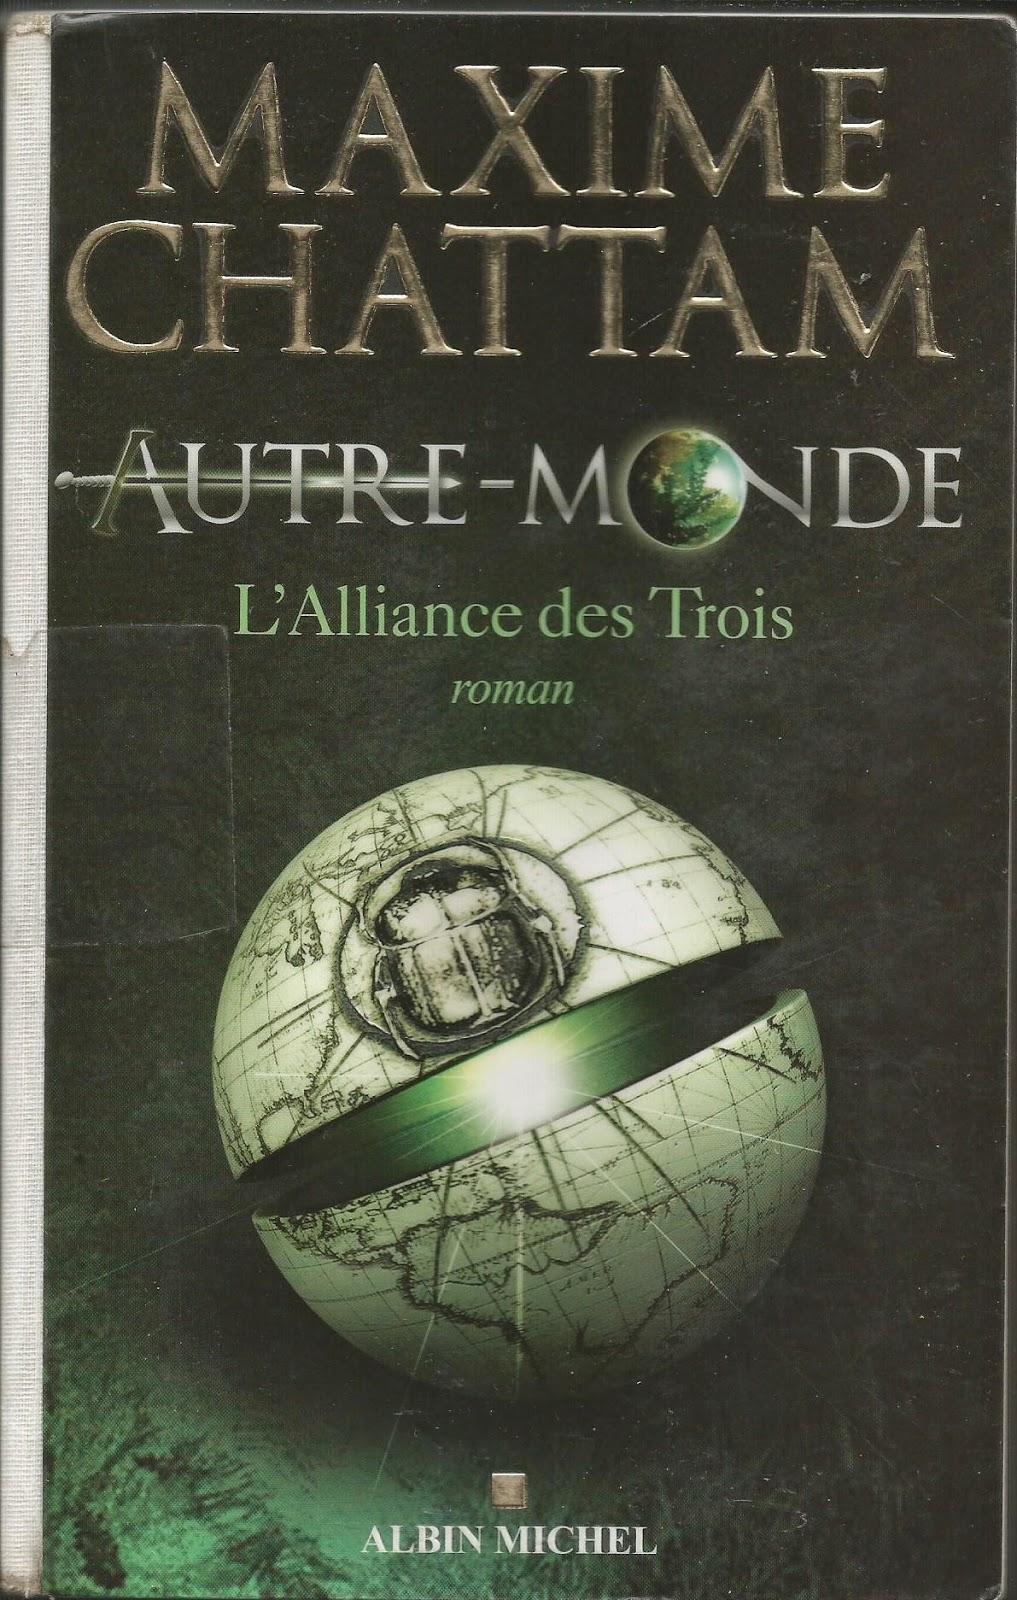 autre monde Maxime Chattam couverture cover